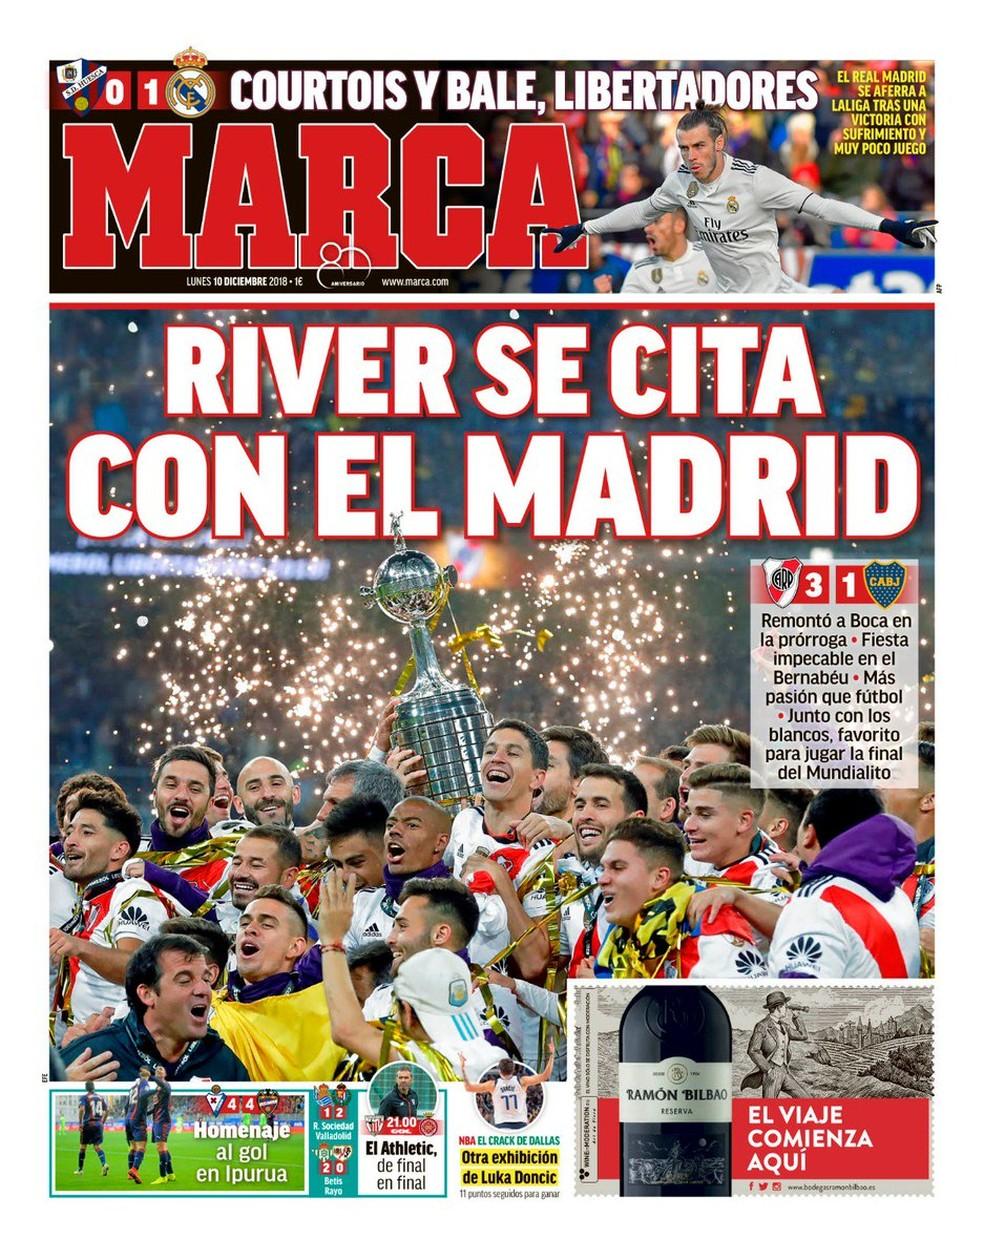 Manchete do Marca após final da Libertadores — Foto: Reprodução / Marca